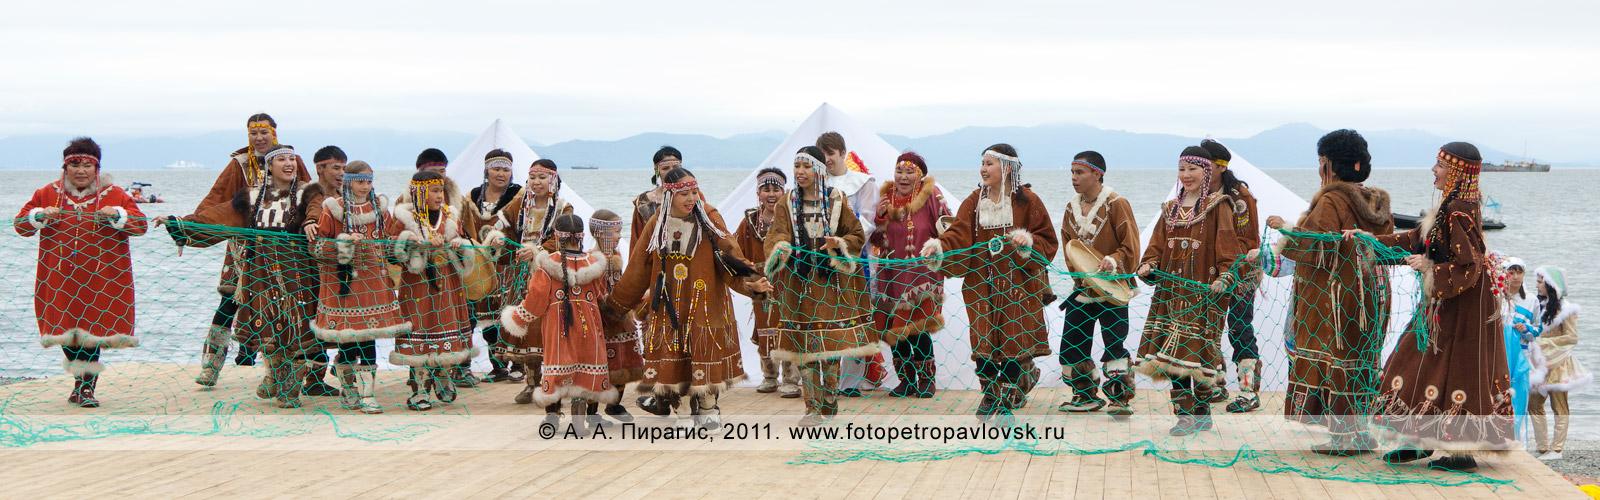 Фотография: празднование Дня рыбака на полуострове Камчатка. На сцене — национальные танцевальные коллективы коренных народов Камчатки. Театрализованное представление на Озерновской косе в городе Петропавловске-Камчатском